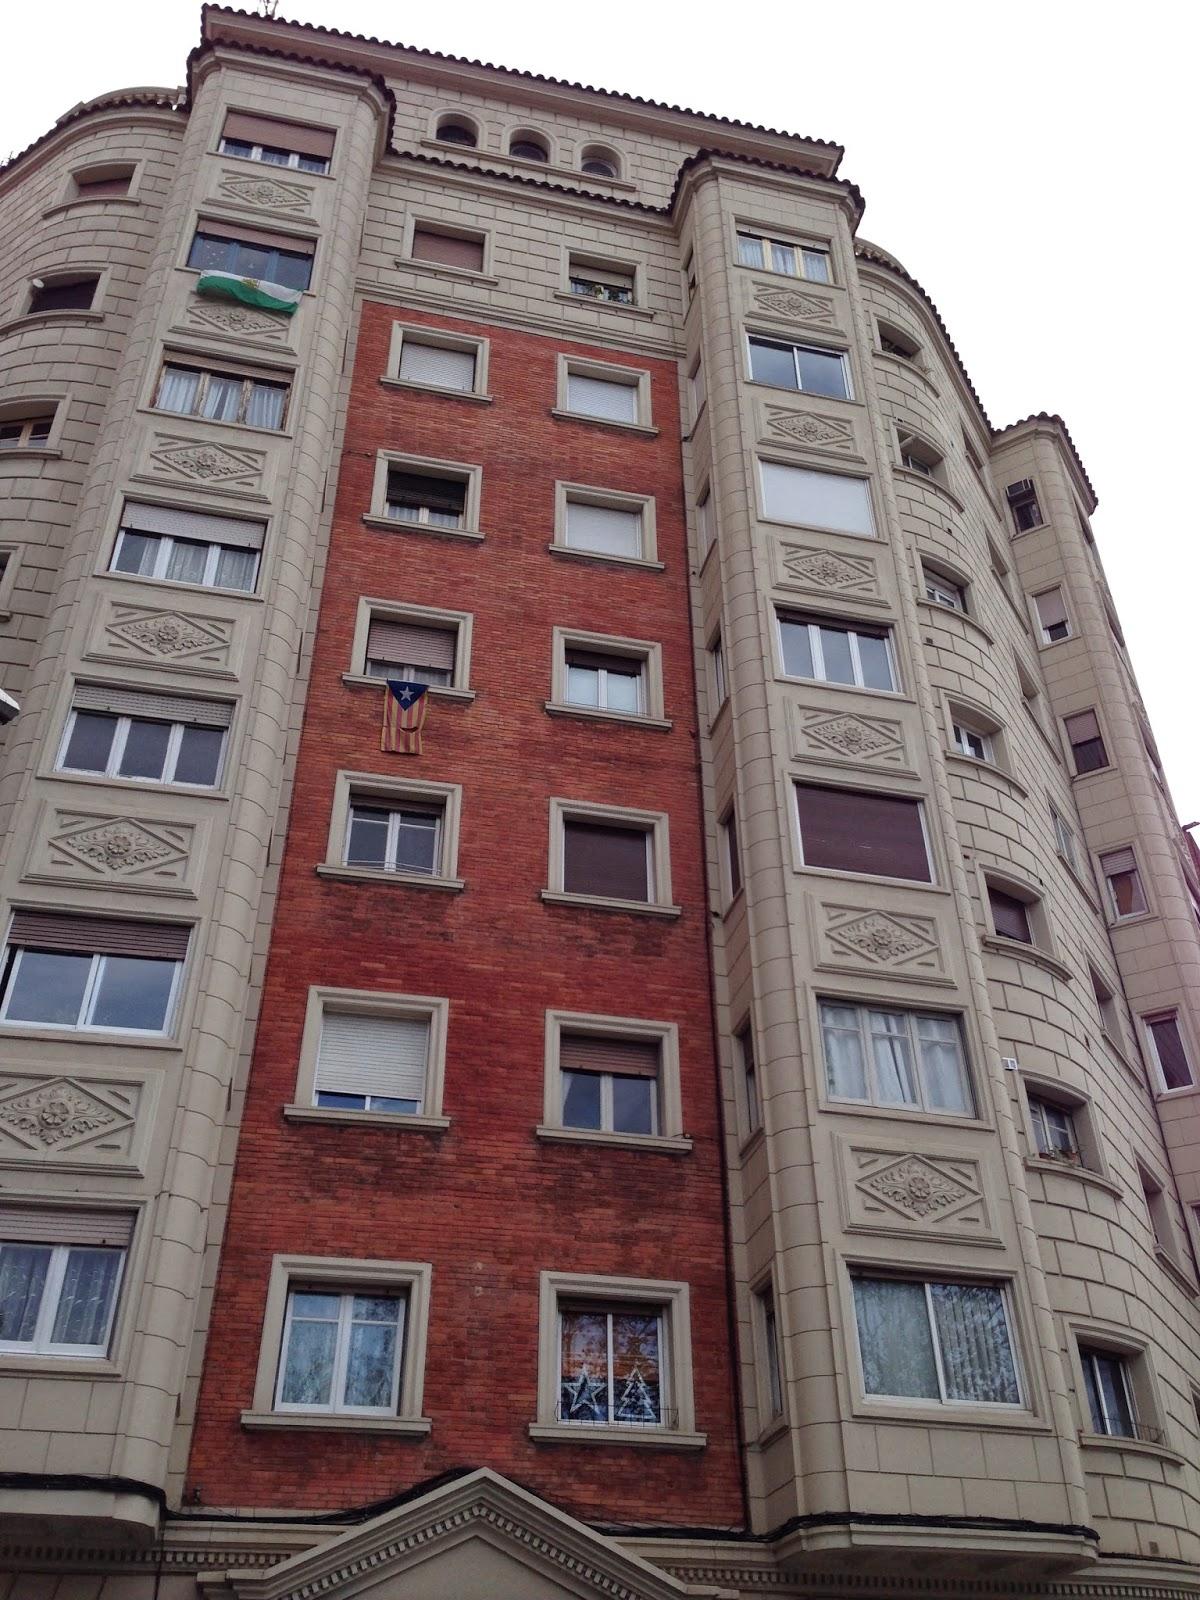 Persiauto reparaci n e instalaci n de persianas aluminio - Persianas en barcelona ...